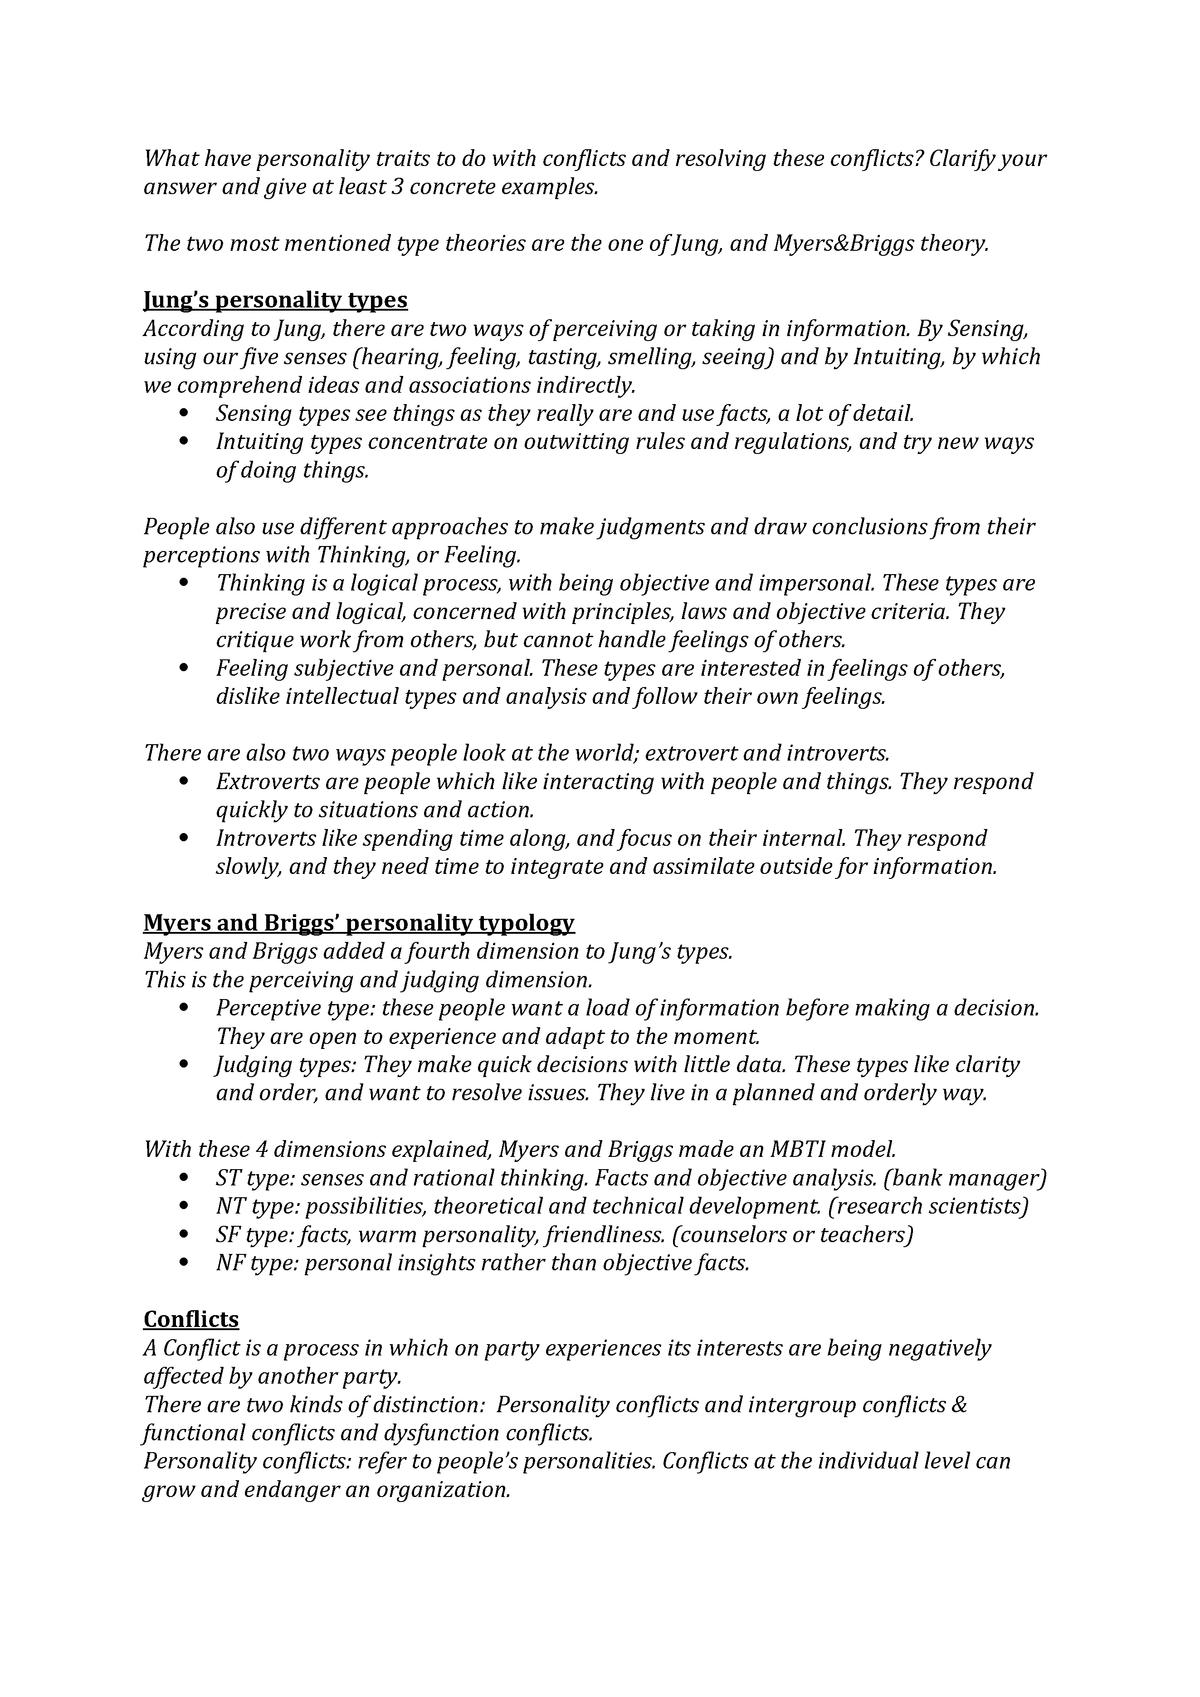 Summary - personality traits & conflicts small summary - StuDocu